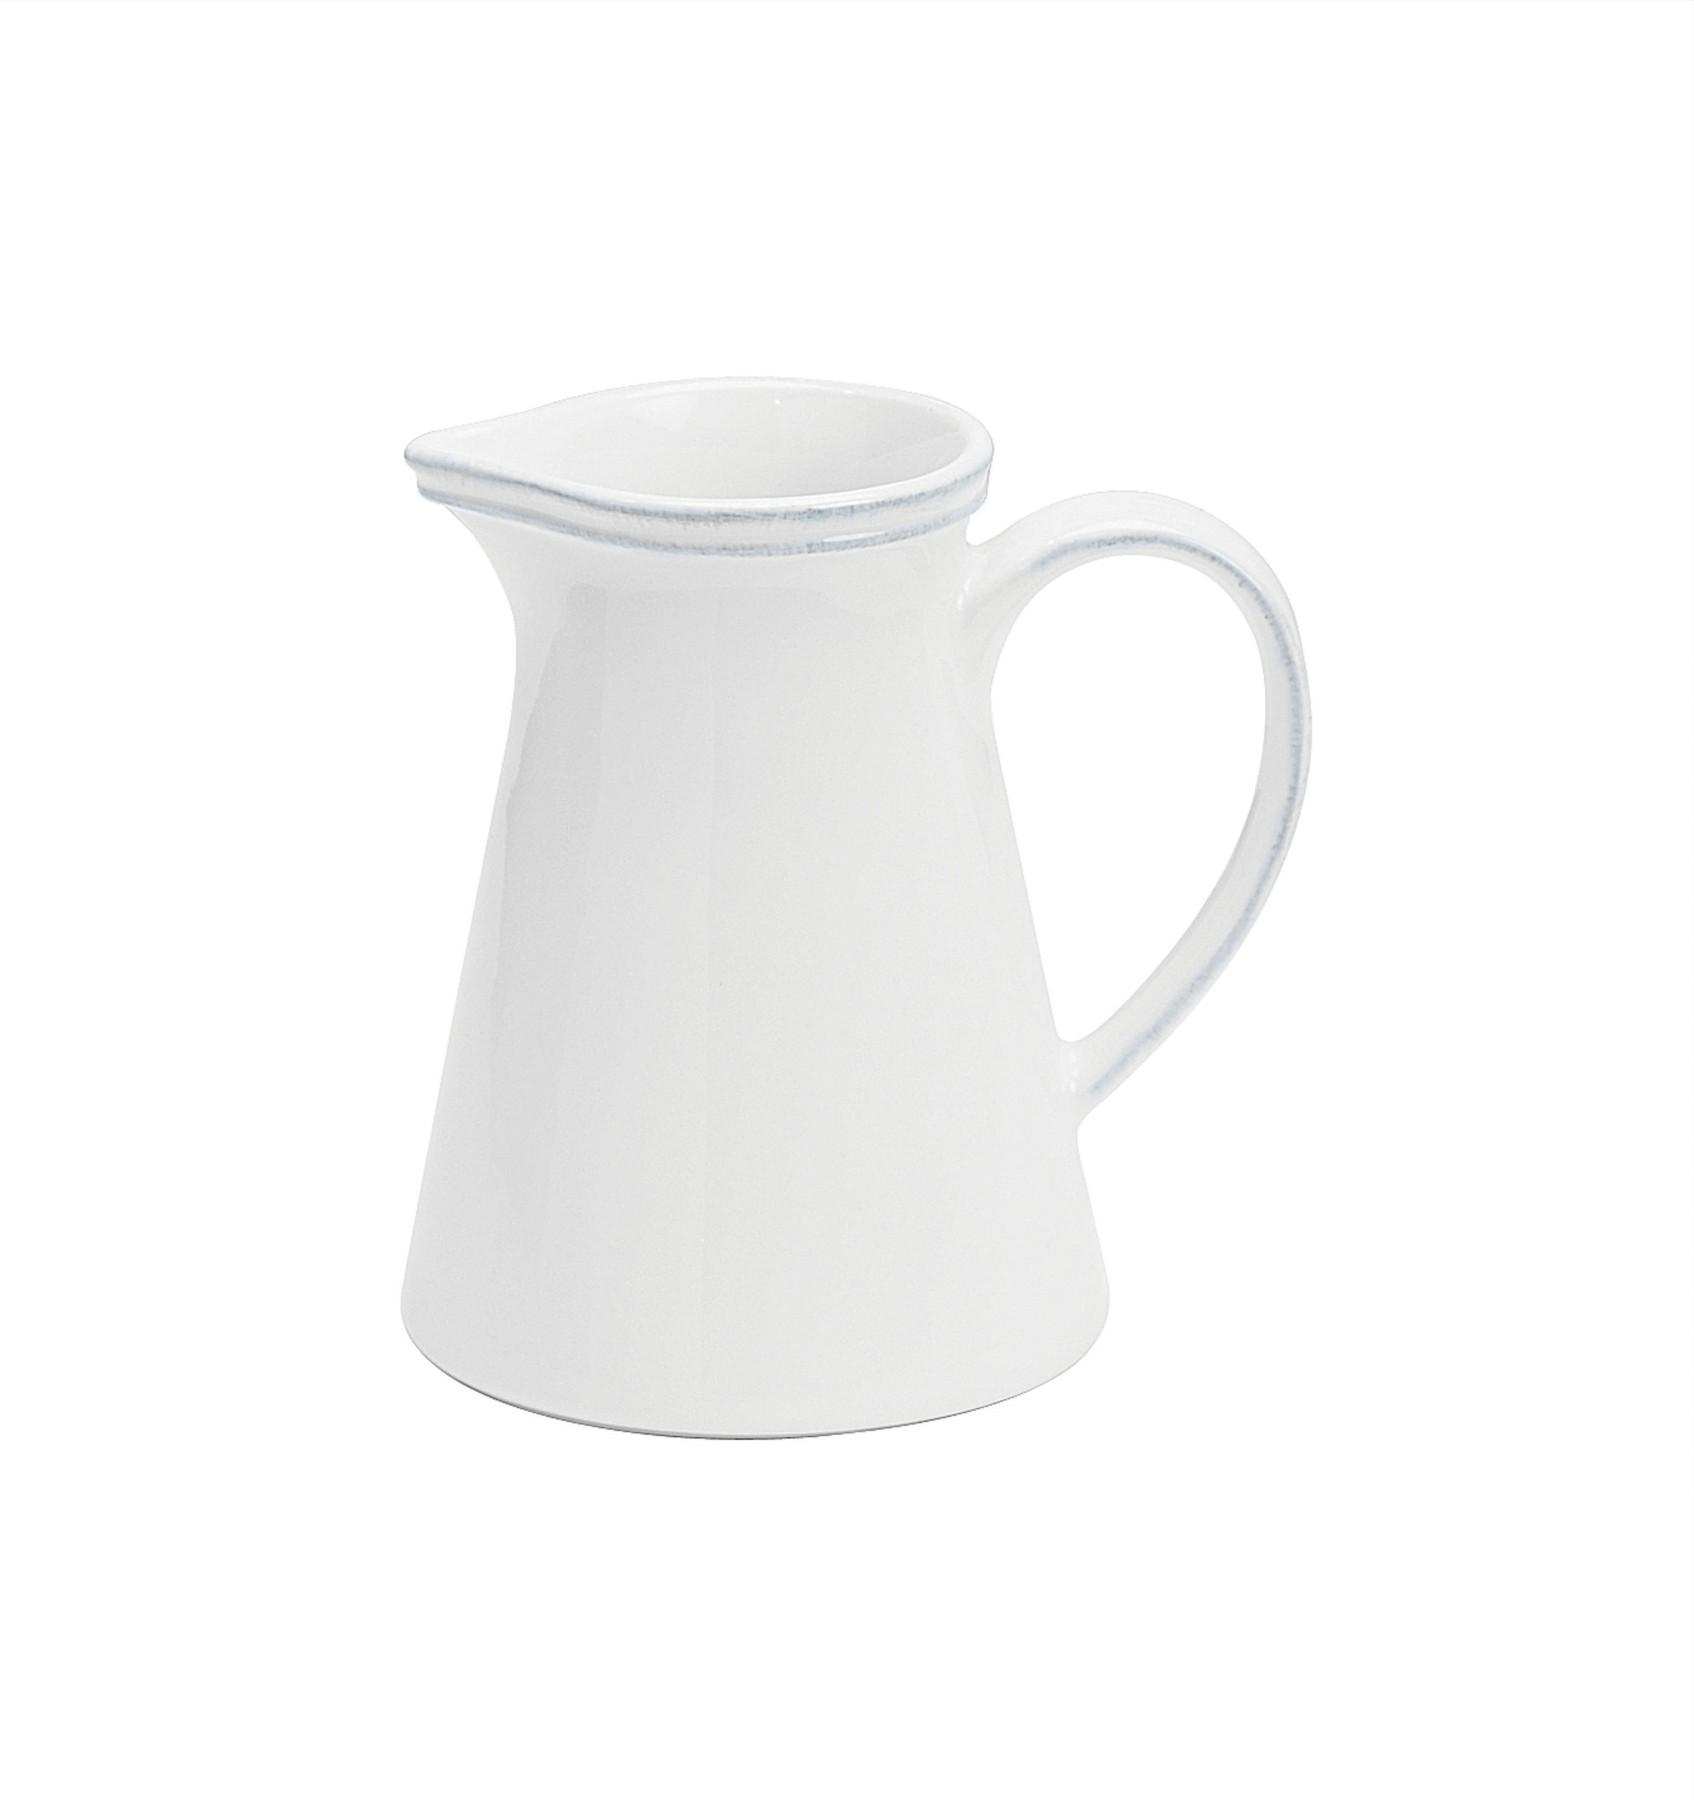 COSTA NOVA Konvička na mléko | Friso | 0,3 l